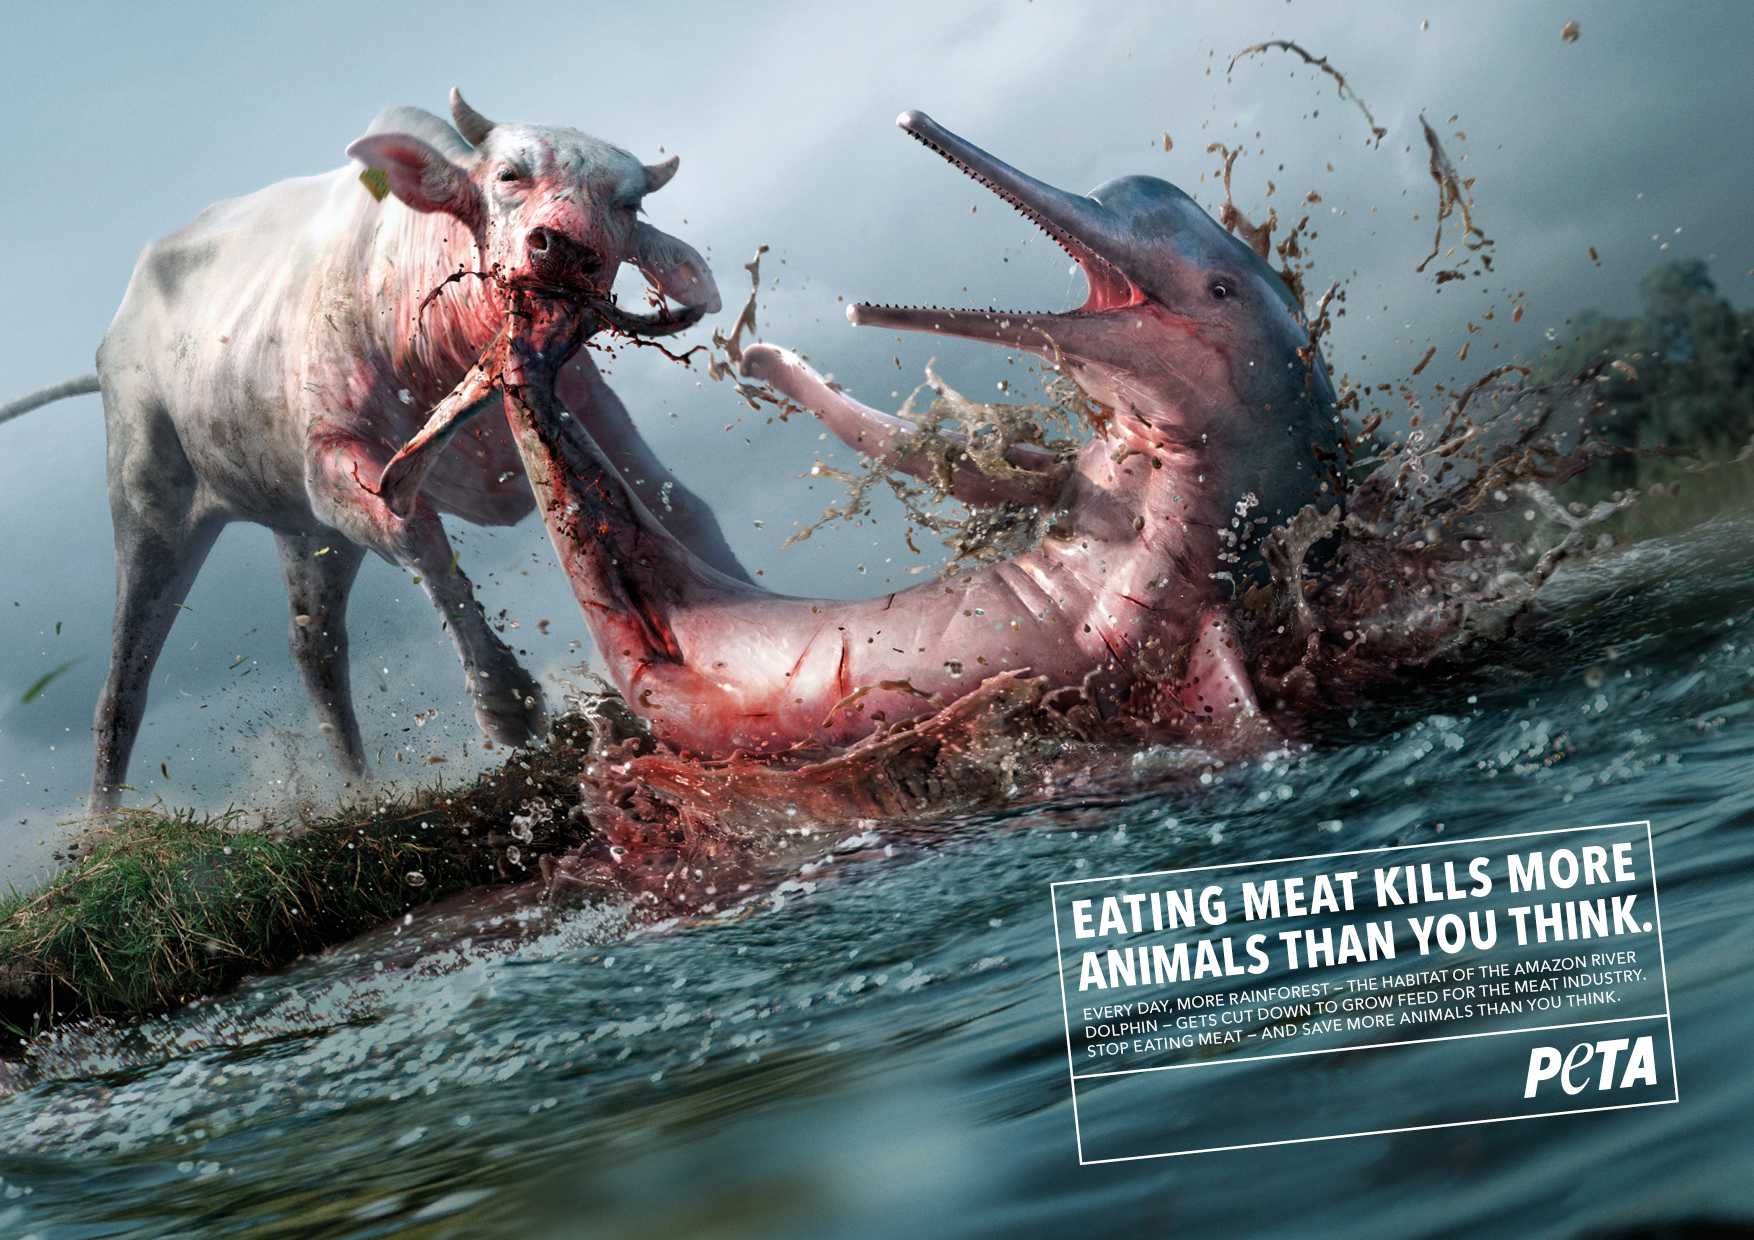 PETA_AZ_KillerCow_DOLPHIN_210x297_EN_190123.jpg